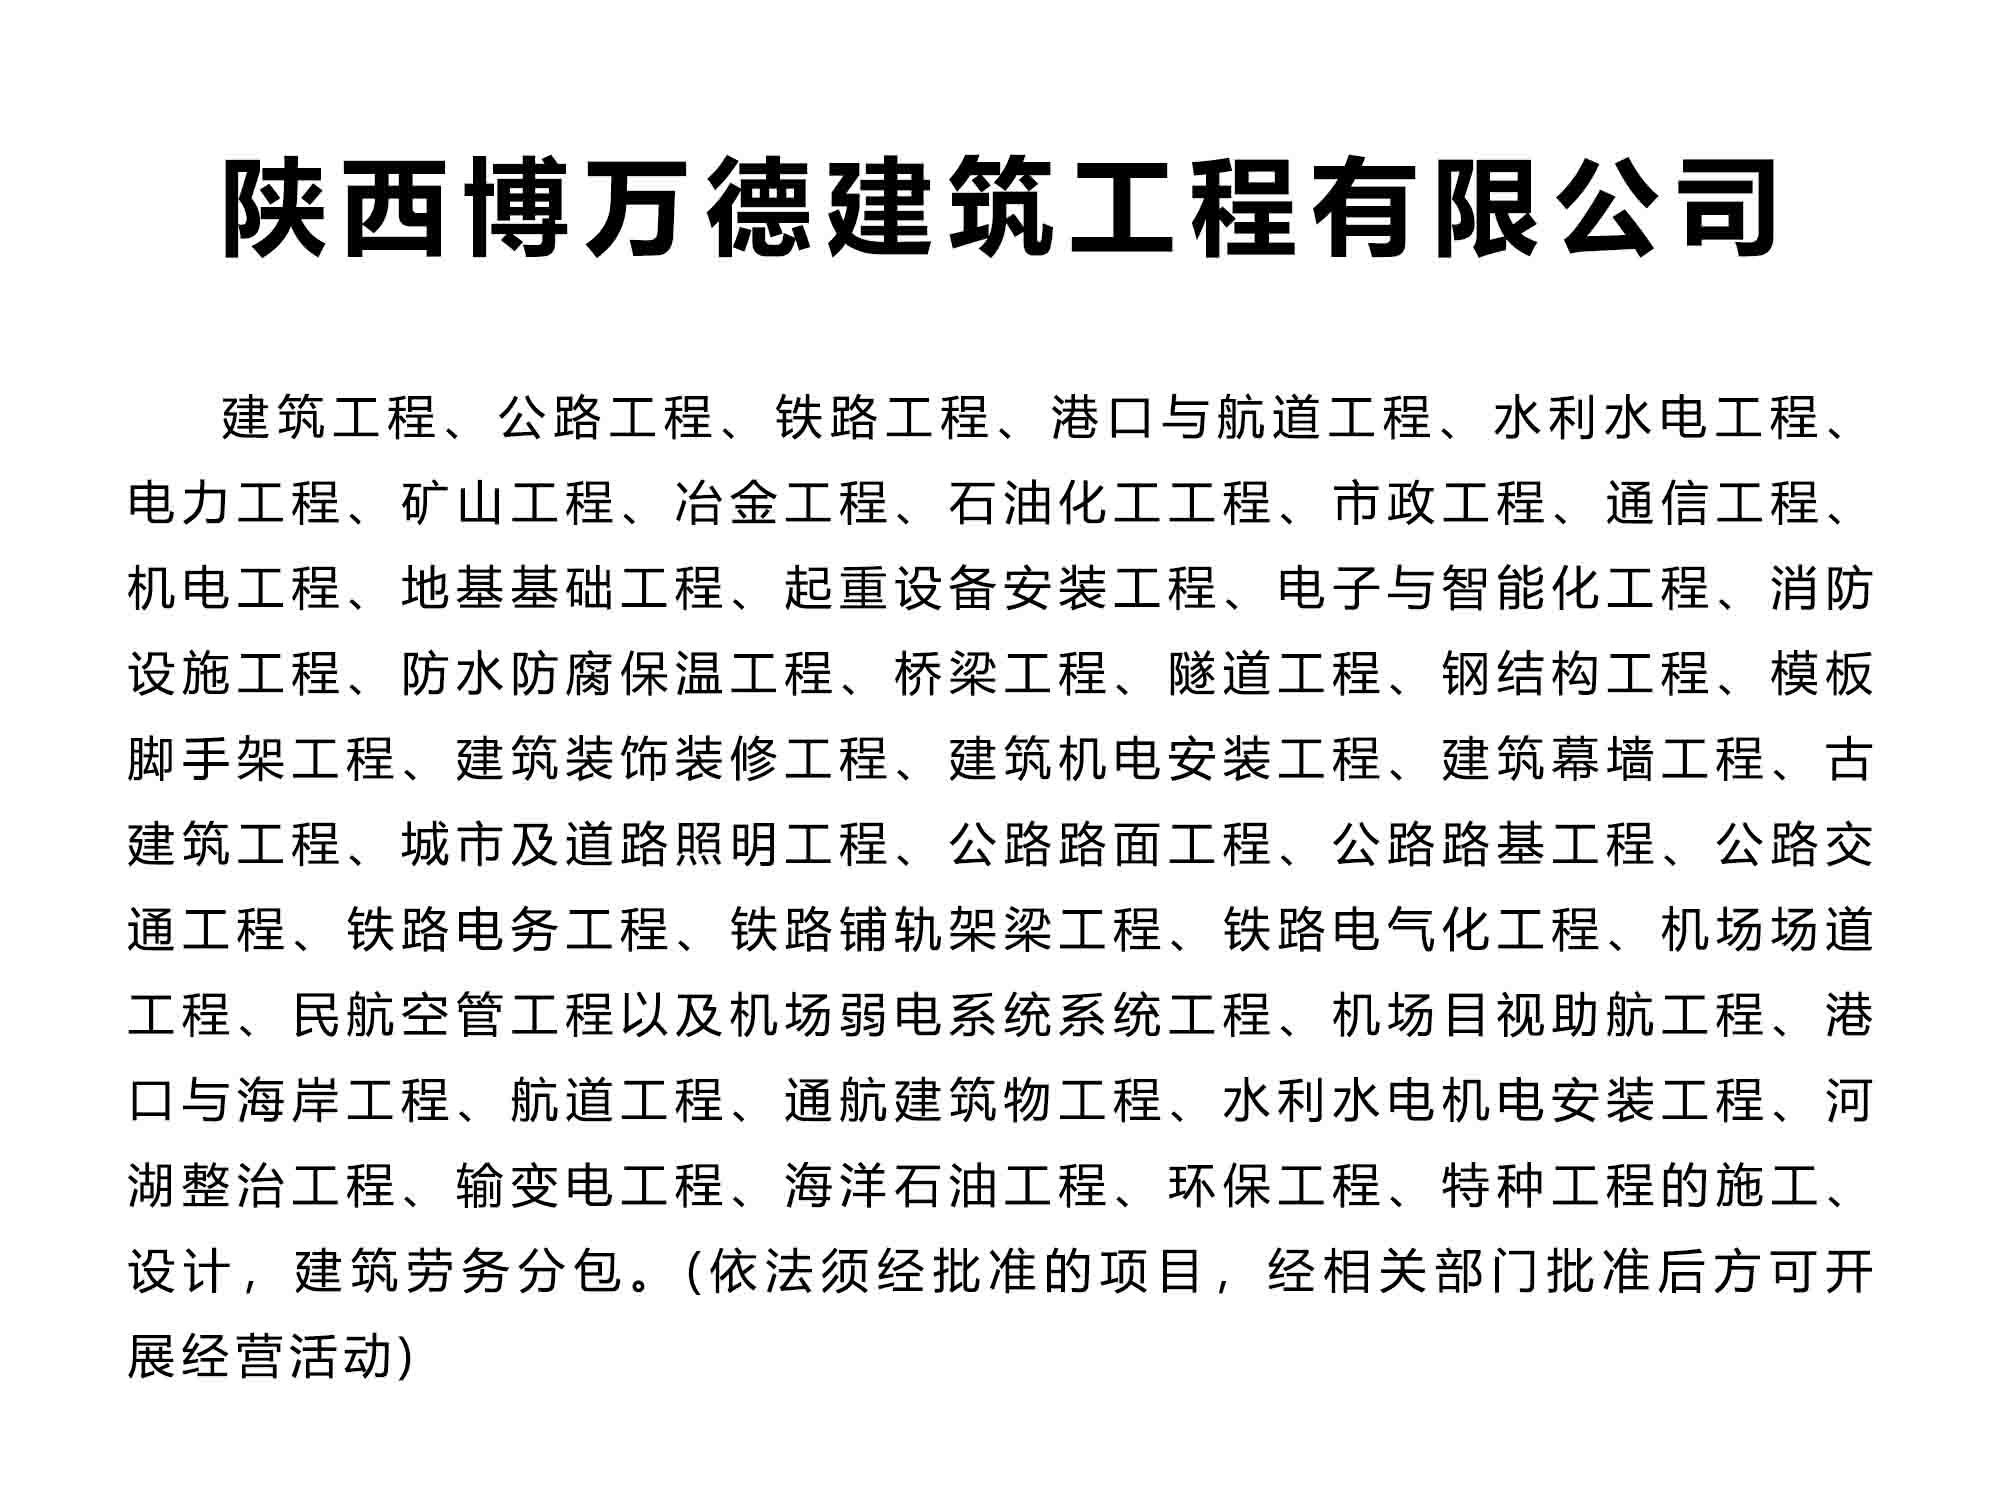 秋霞影院集團子公司-陝西博萬德建築工程有限公司